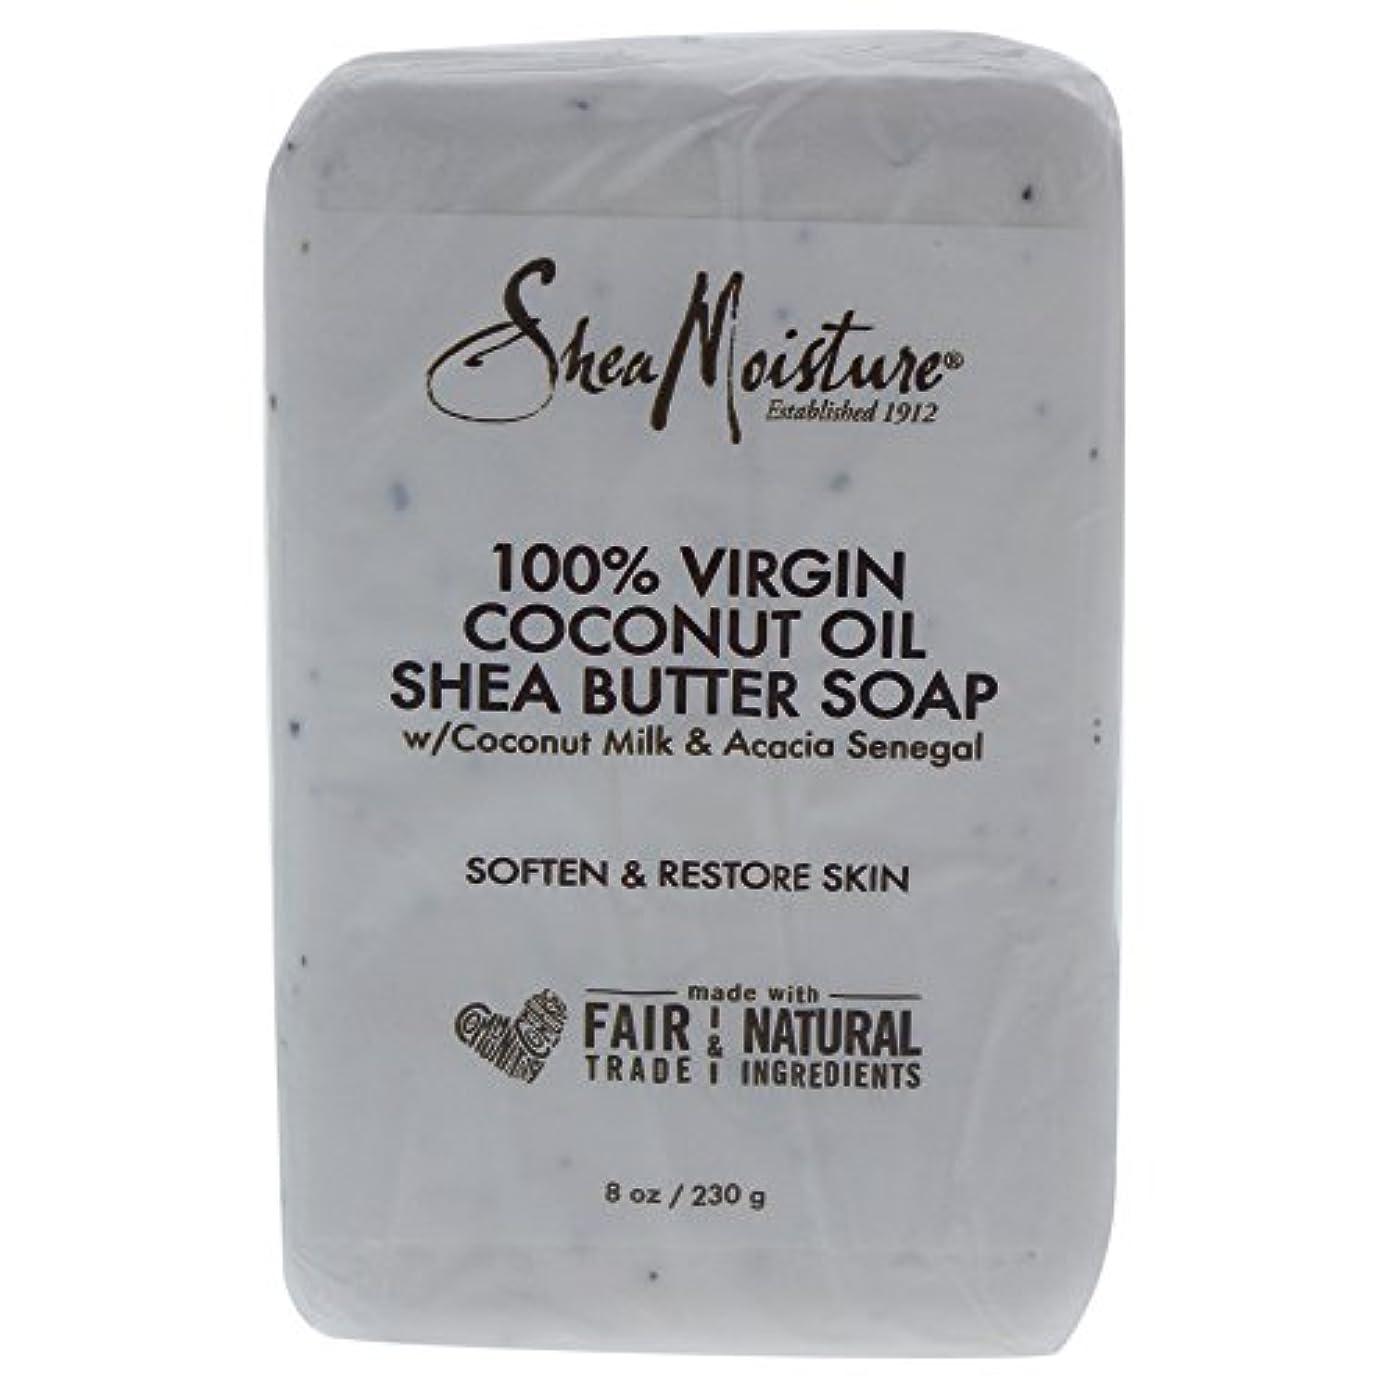 肘掛け椅子ドック一緒にShea Moisture バーソープ (100% Virgin Coconut Oil Shea Butter Soap)